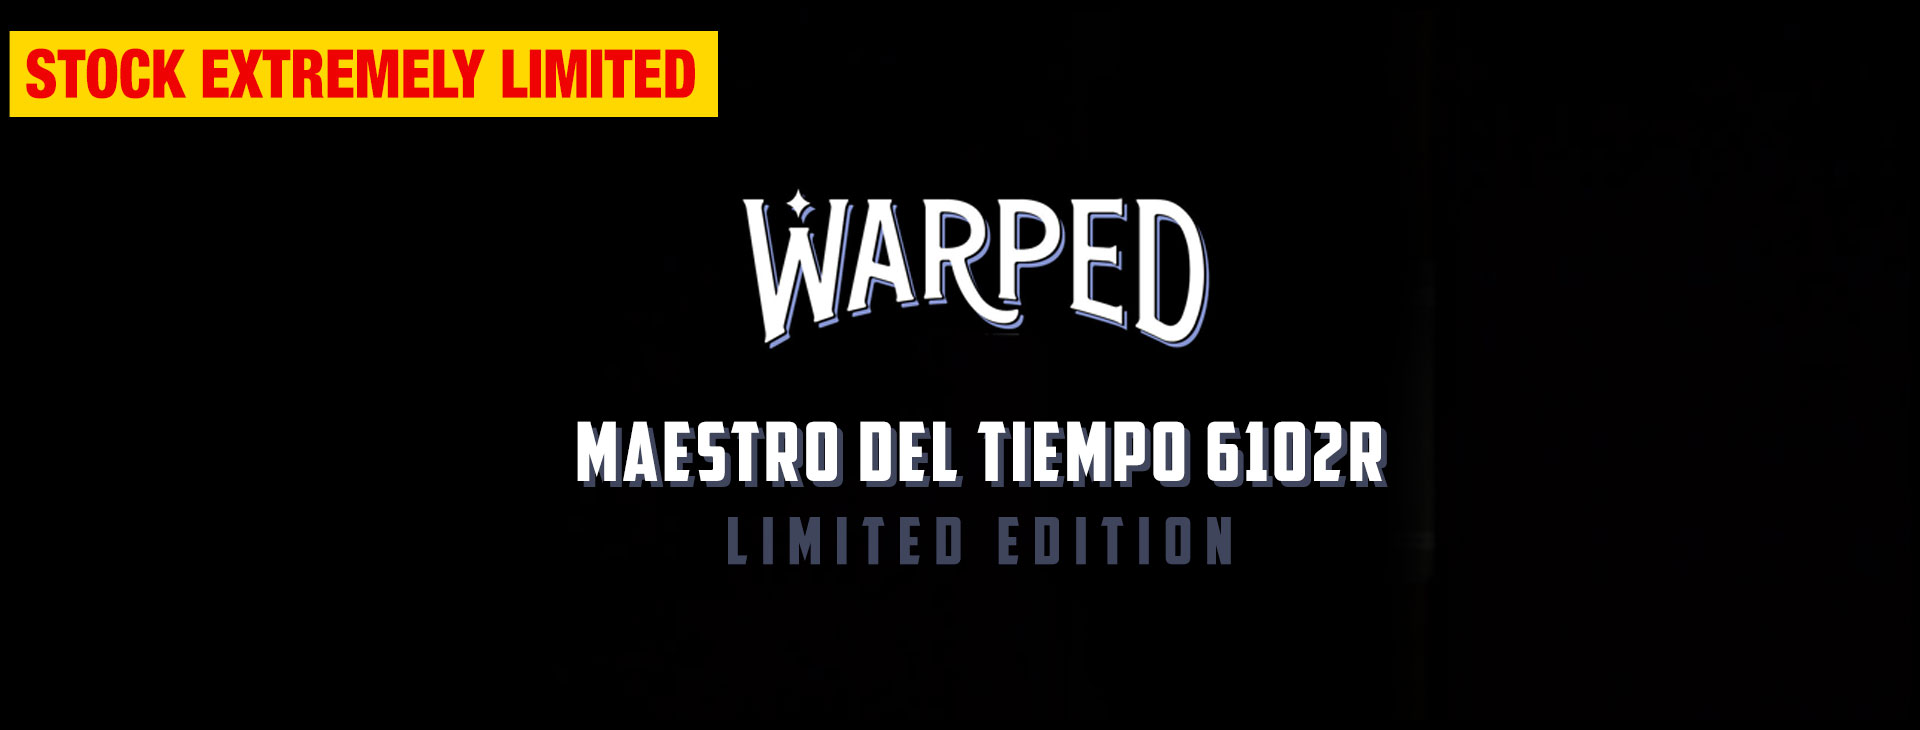 warped-maestro-limited-2021-banner.jpg